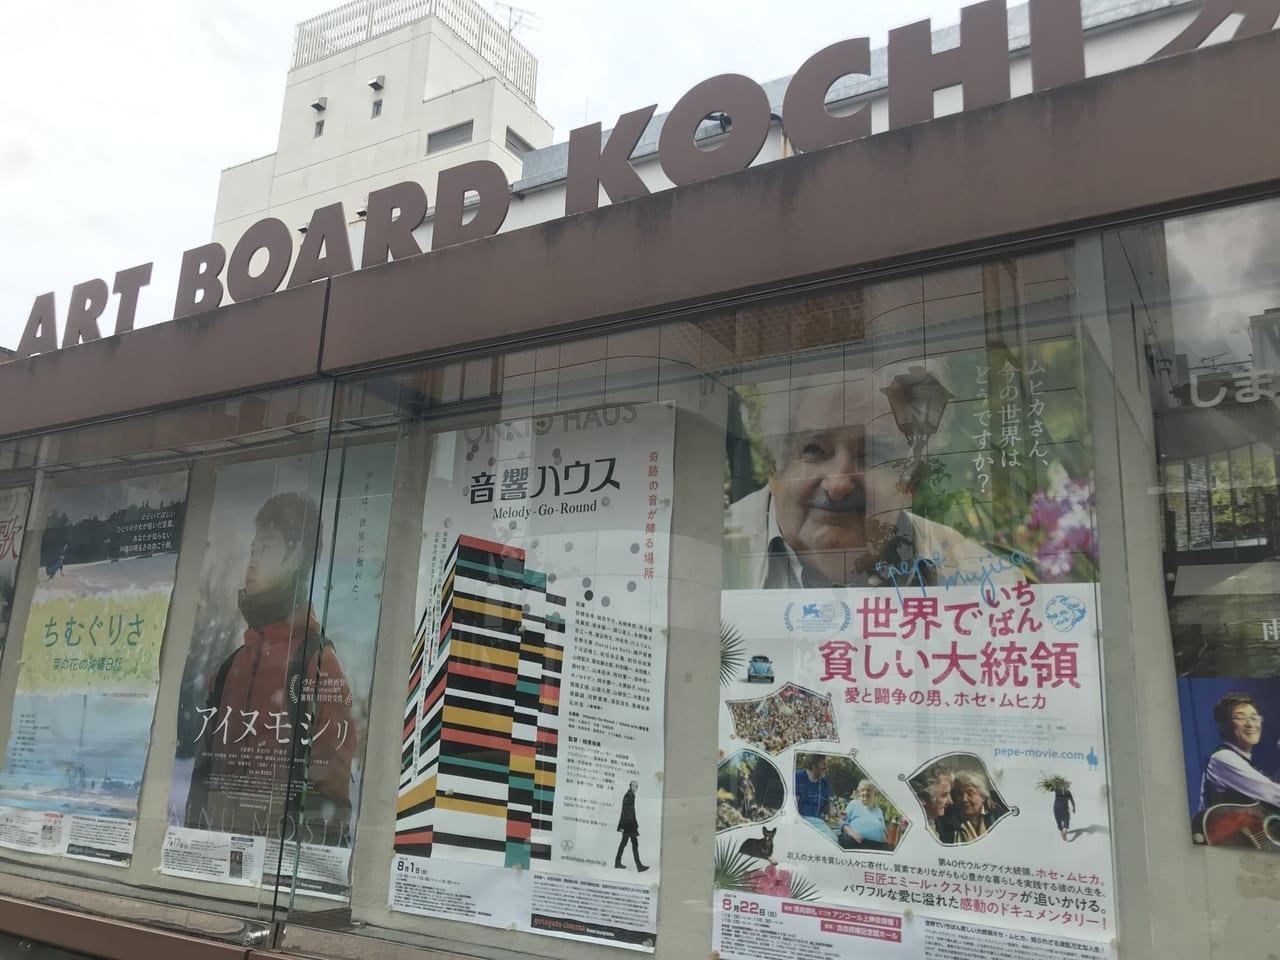 2021年6月、高知市おびさんロード内「アートボード高知」に芸術文化イベントの告知イベントポスターが掲示